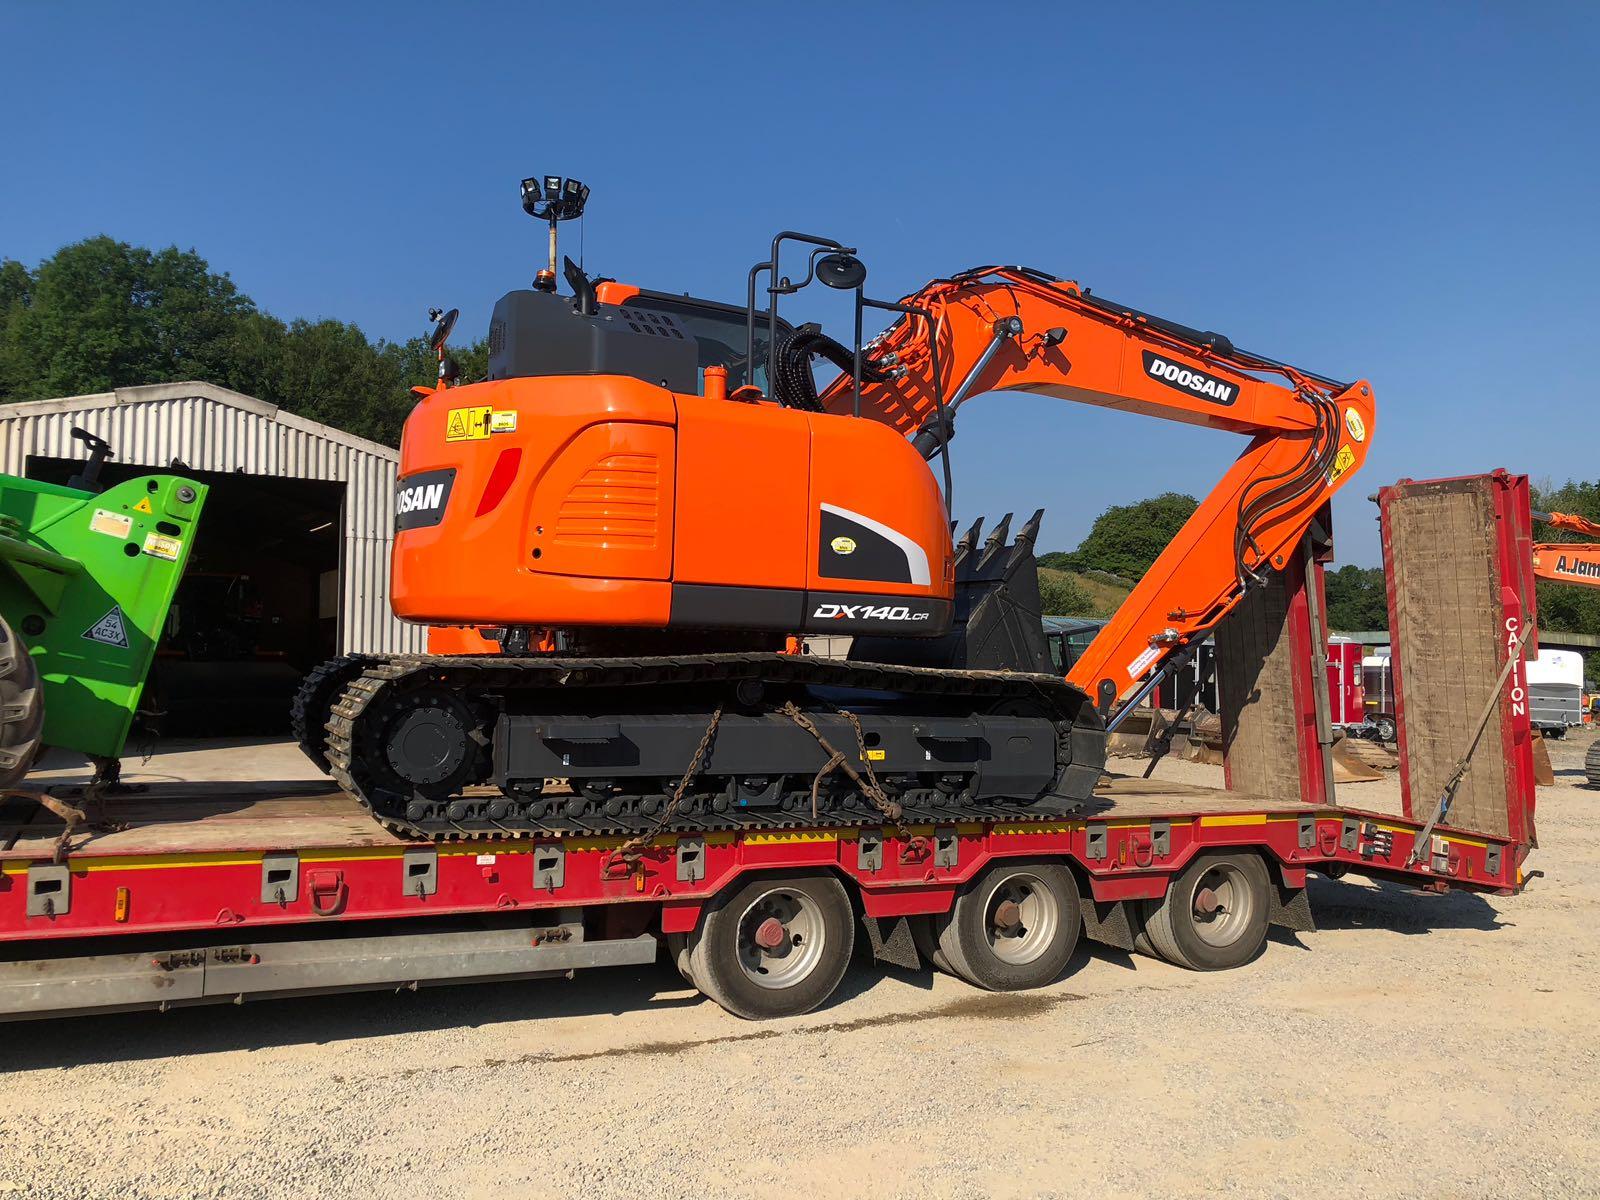 doosan dx140lc excavator sold to geraint davies